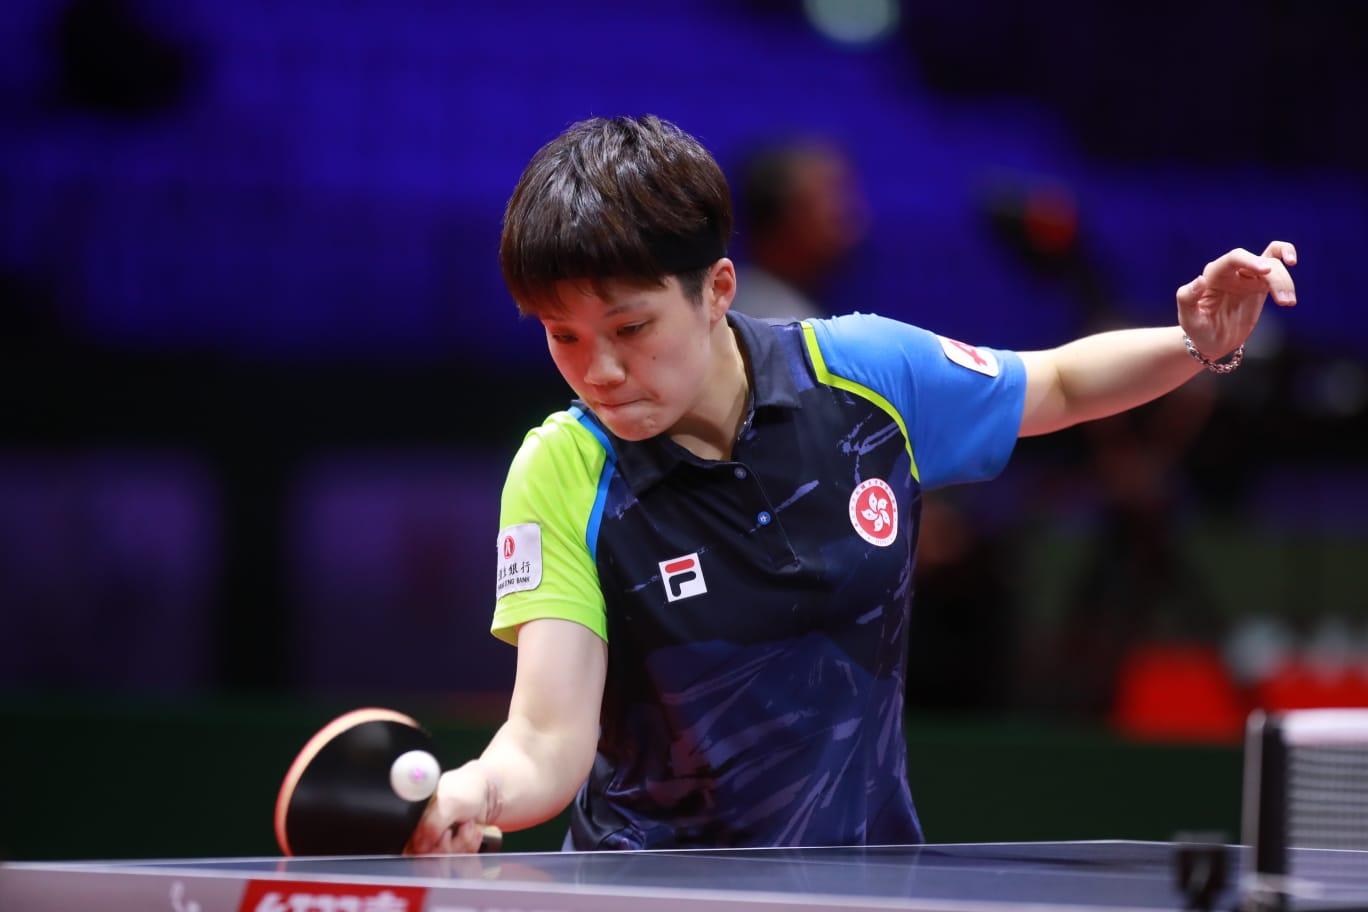 杜凱琹於女單首圈與南韓球手激鬥七盤晉級。國際乒聯官網圖片